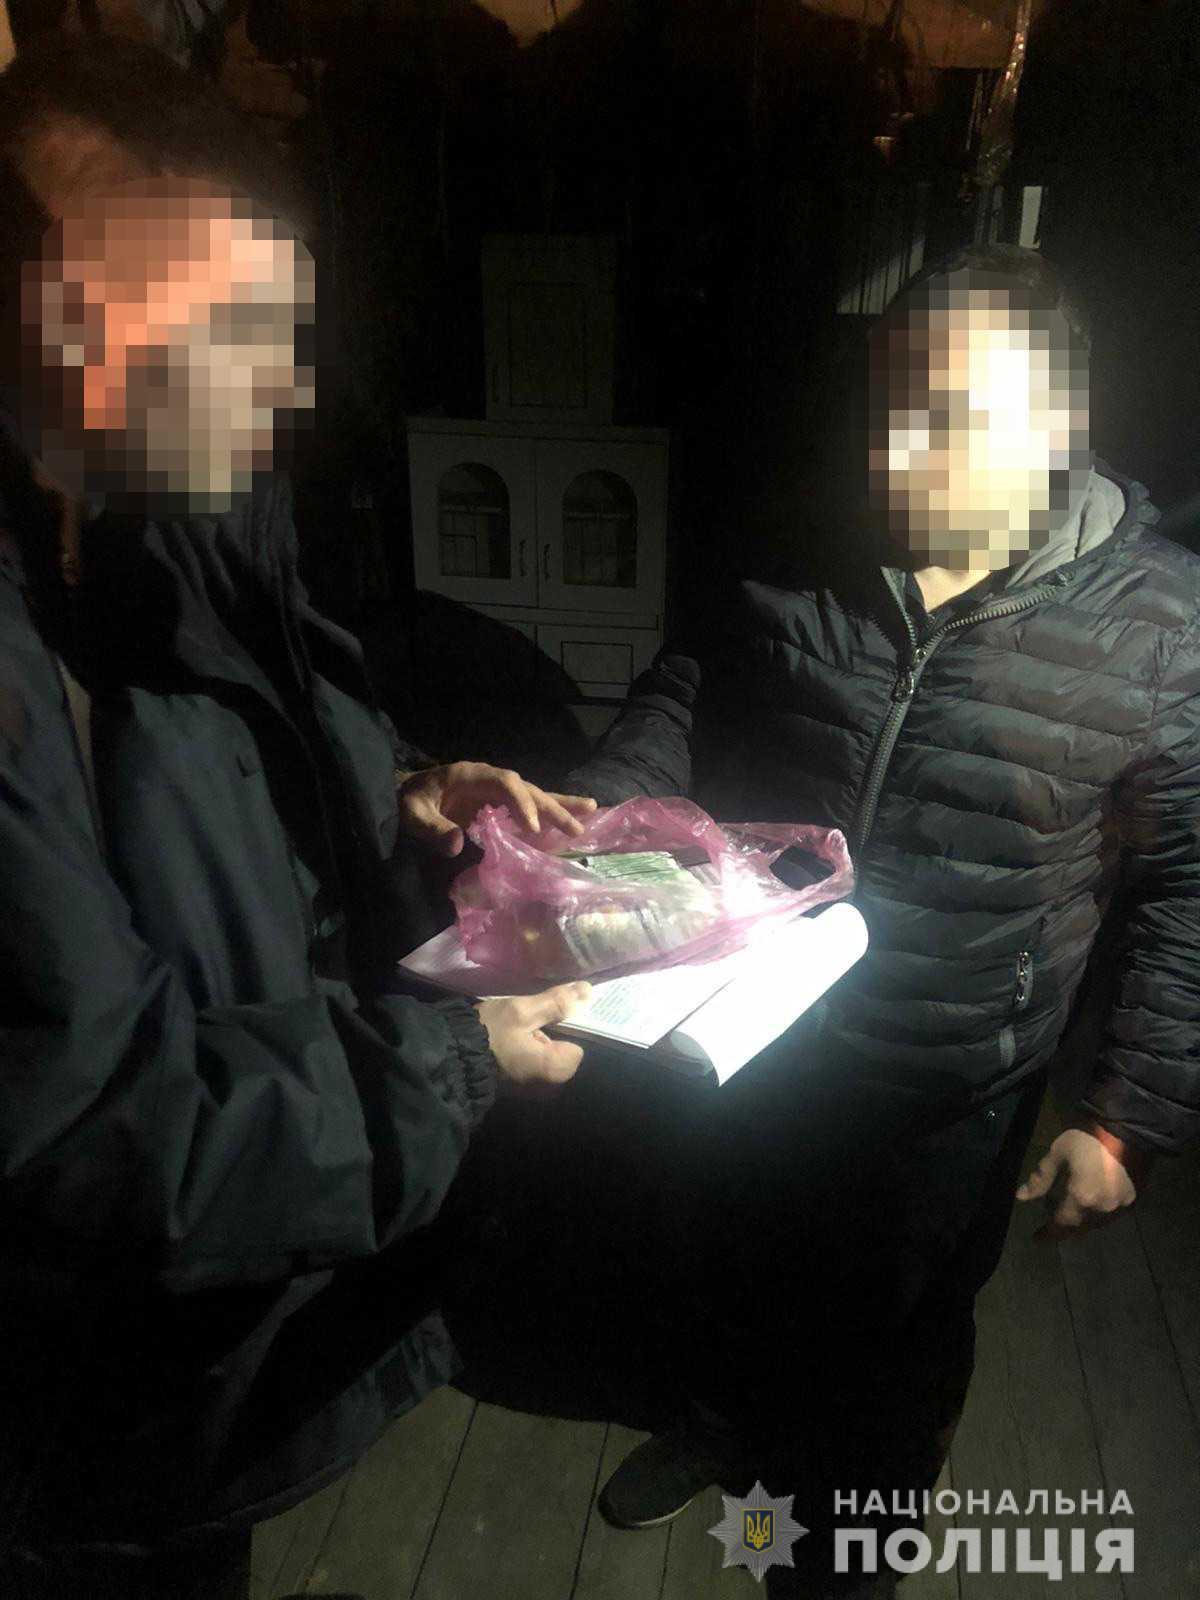 Житель селища Солотвино, через боргові зобов'язання перед банком, інсценував крадіжку у власному помешканні та обікрав своїх родичів.